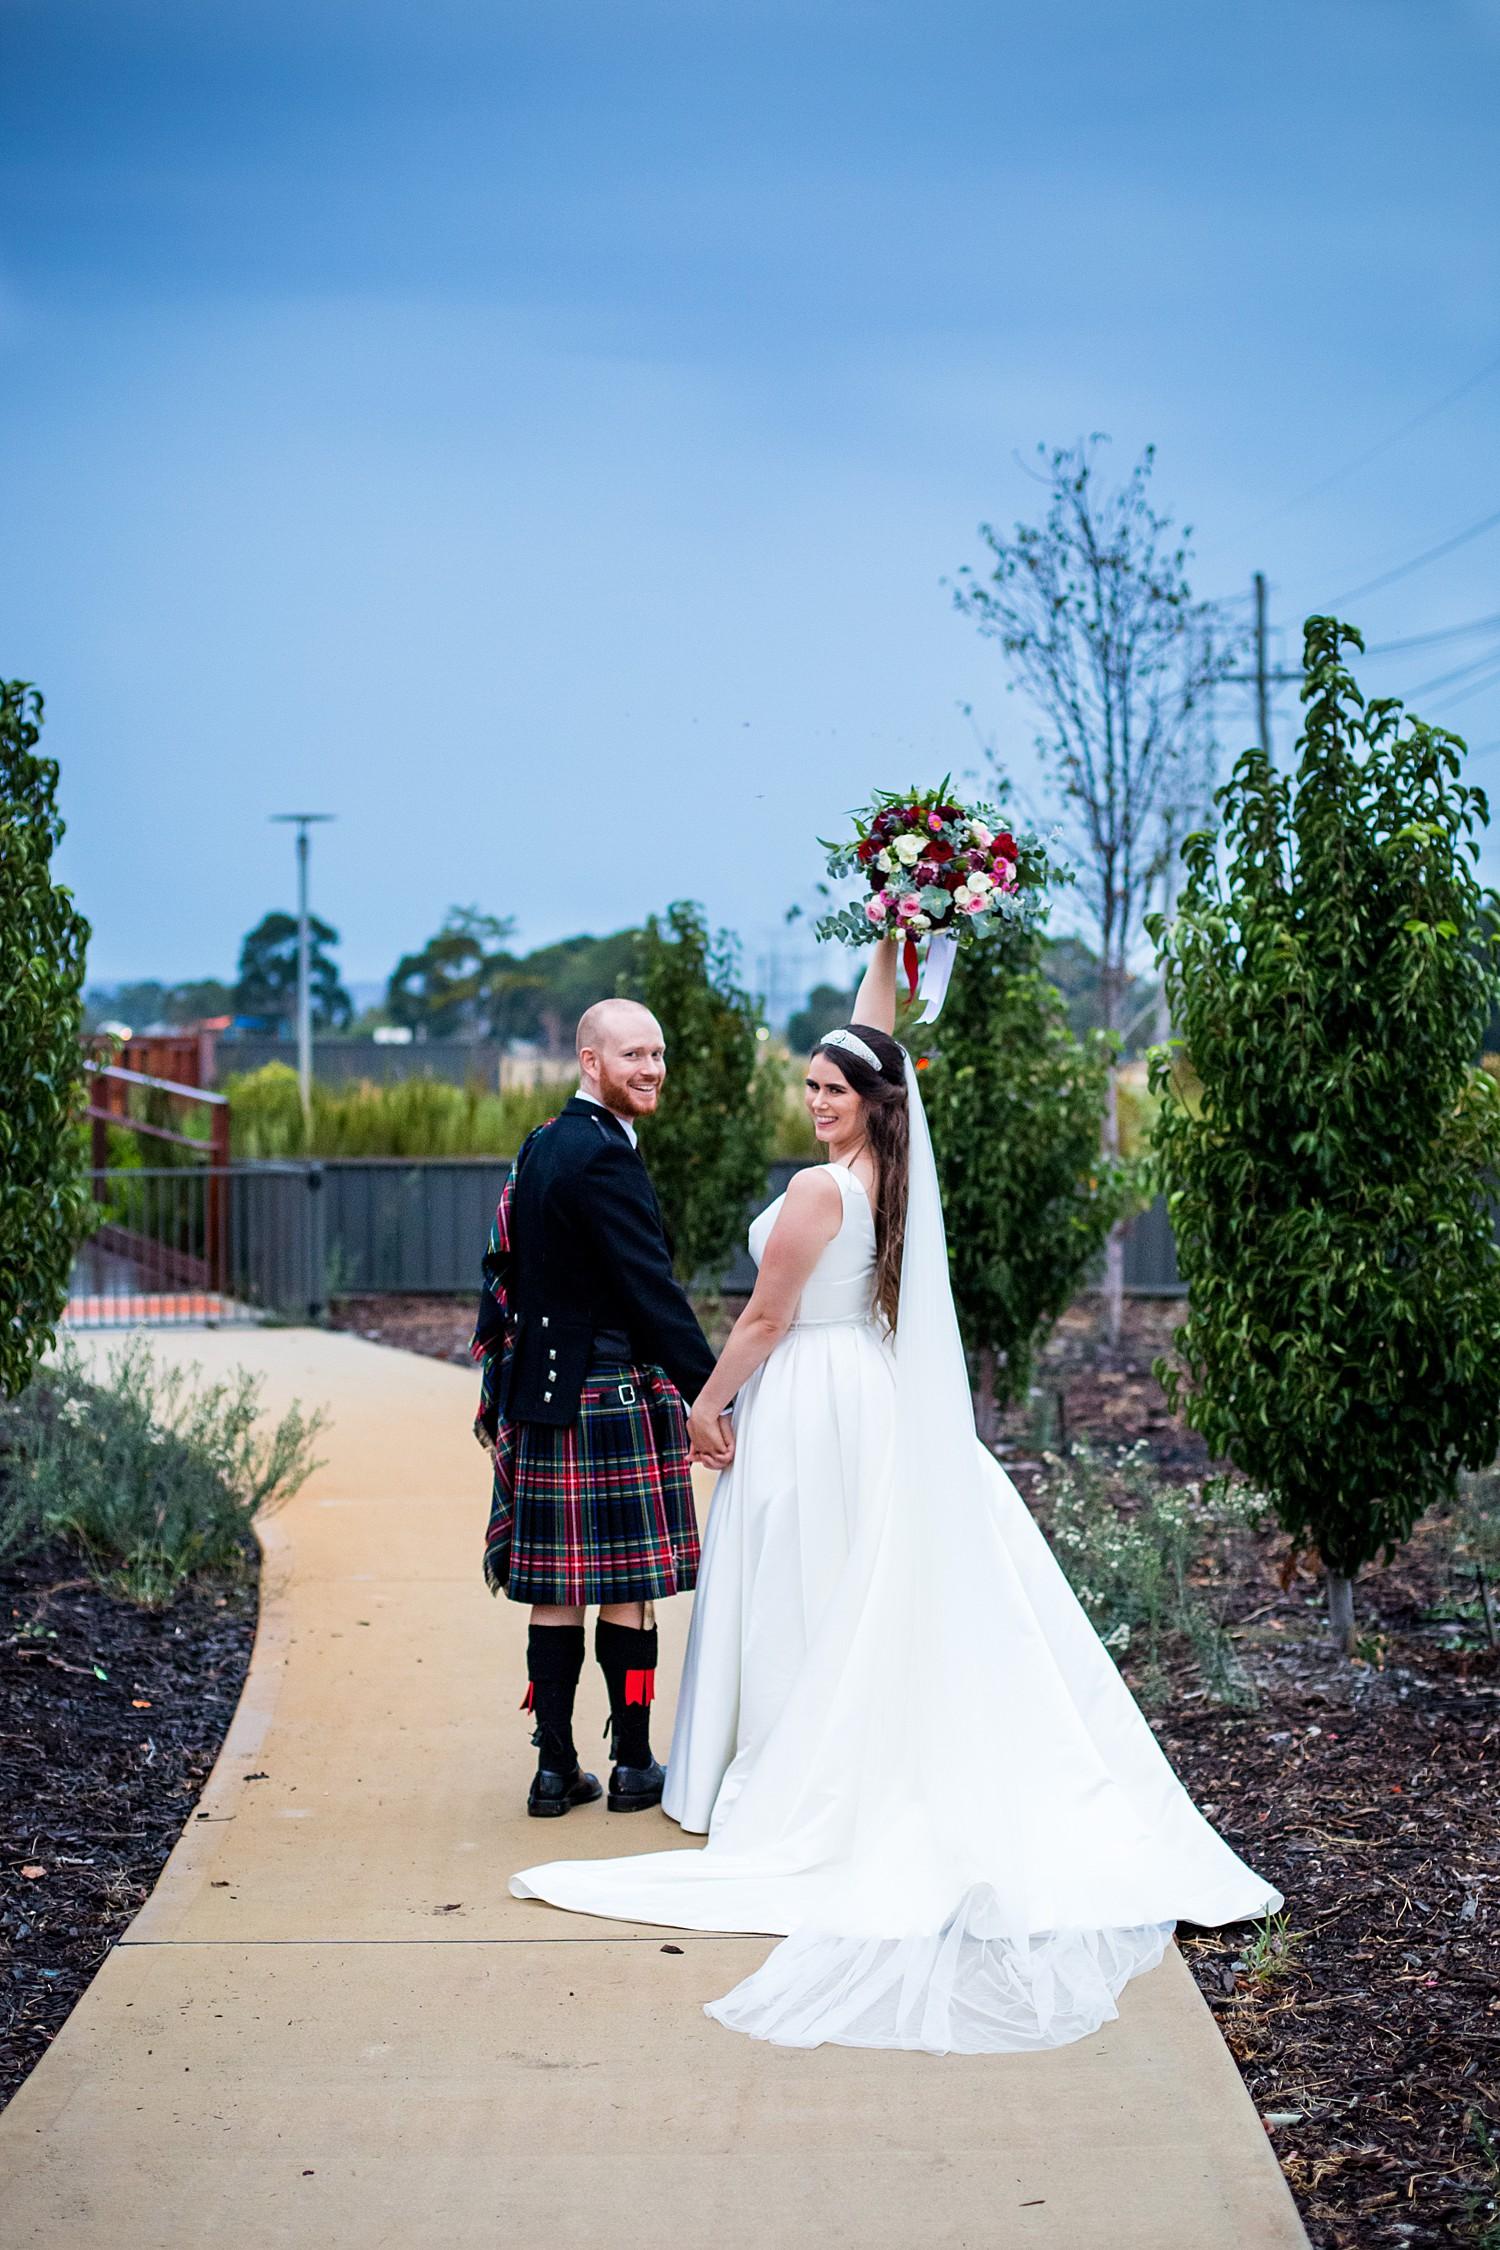 perth_swan_valley_scottish_rainy_wedding_0102.jpg